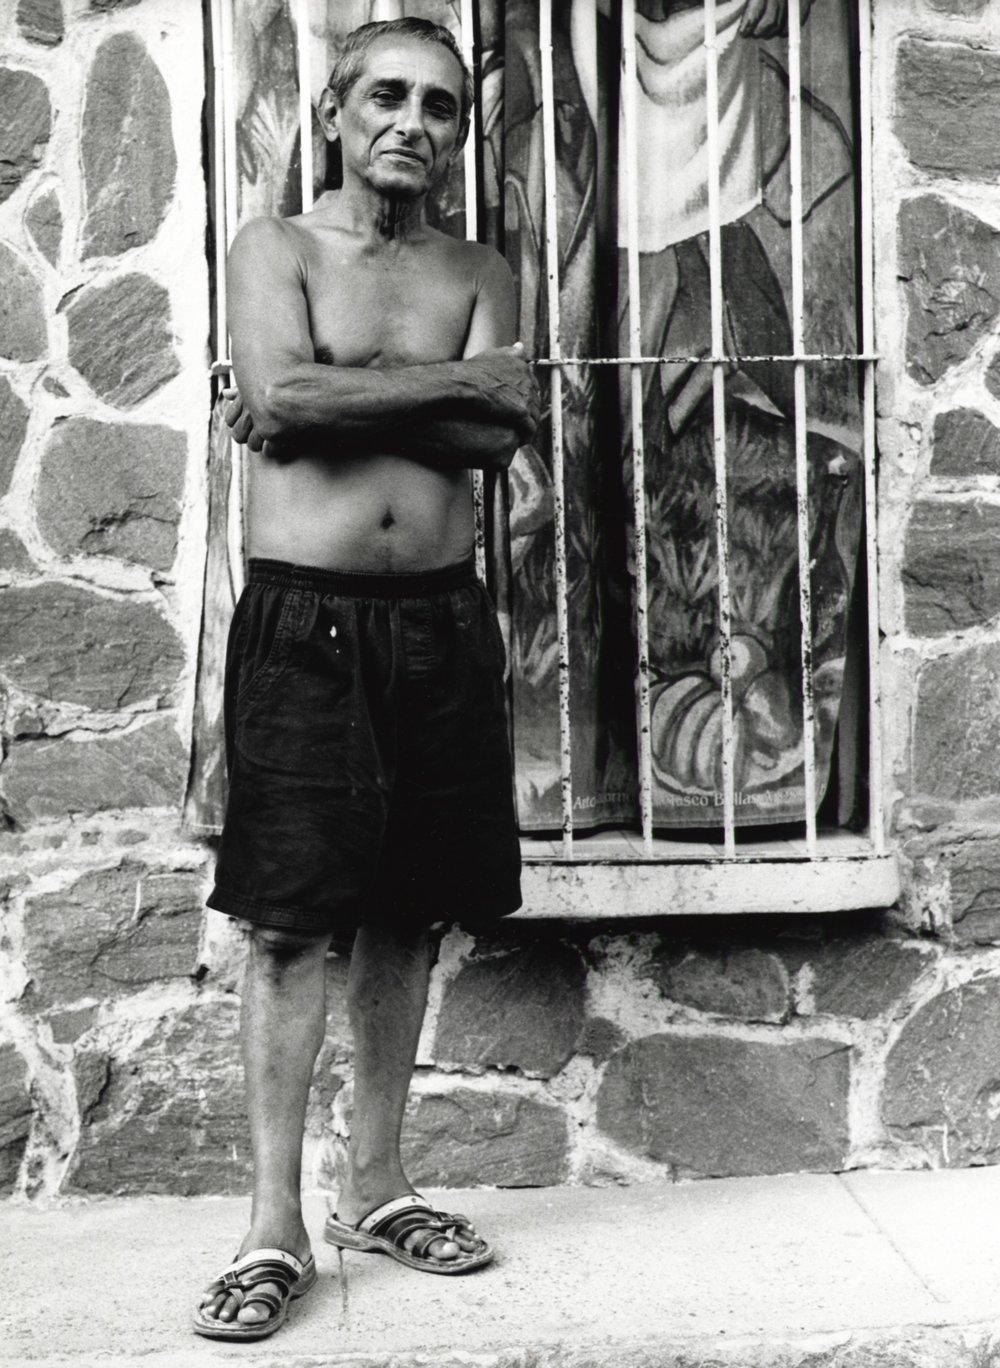 Frank Gato - Trinidad Cuba 2015